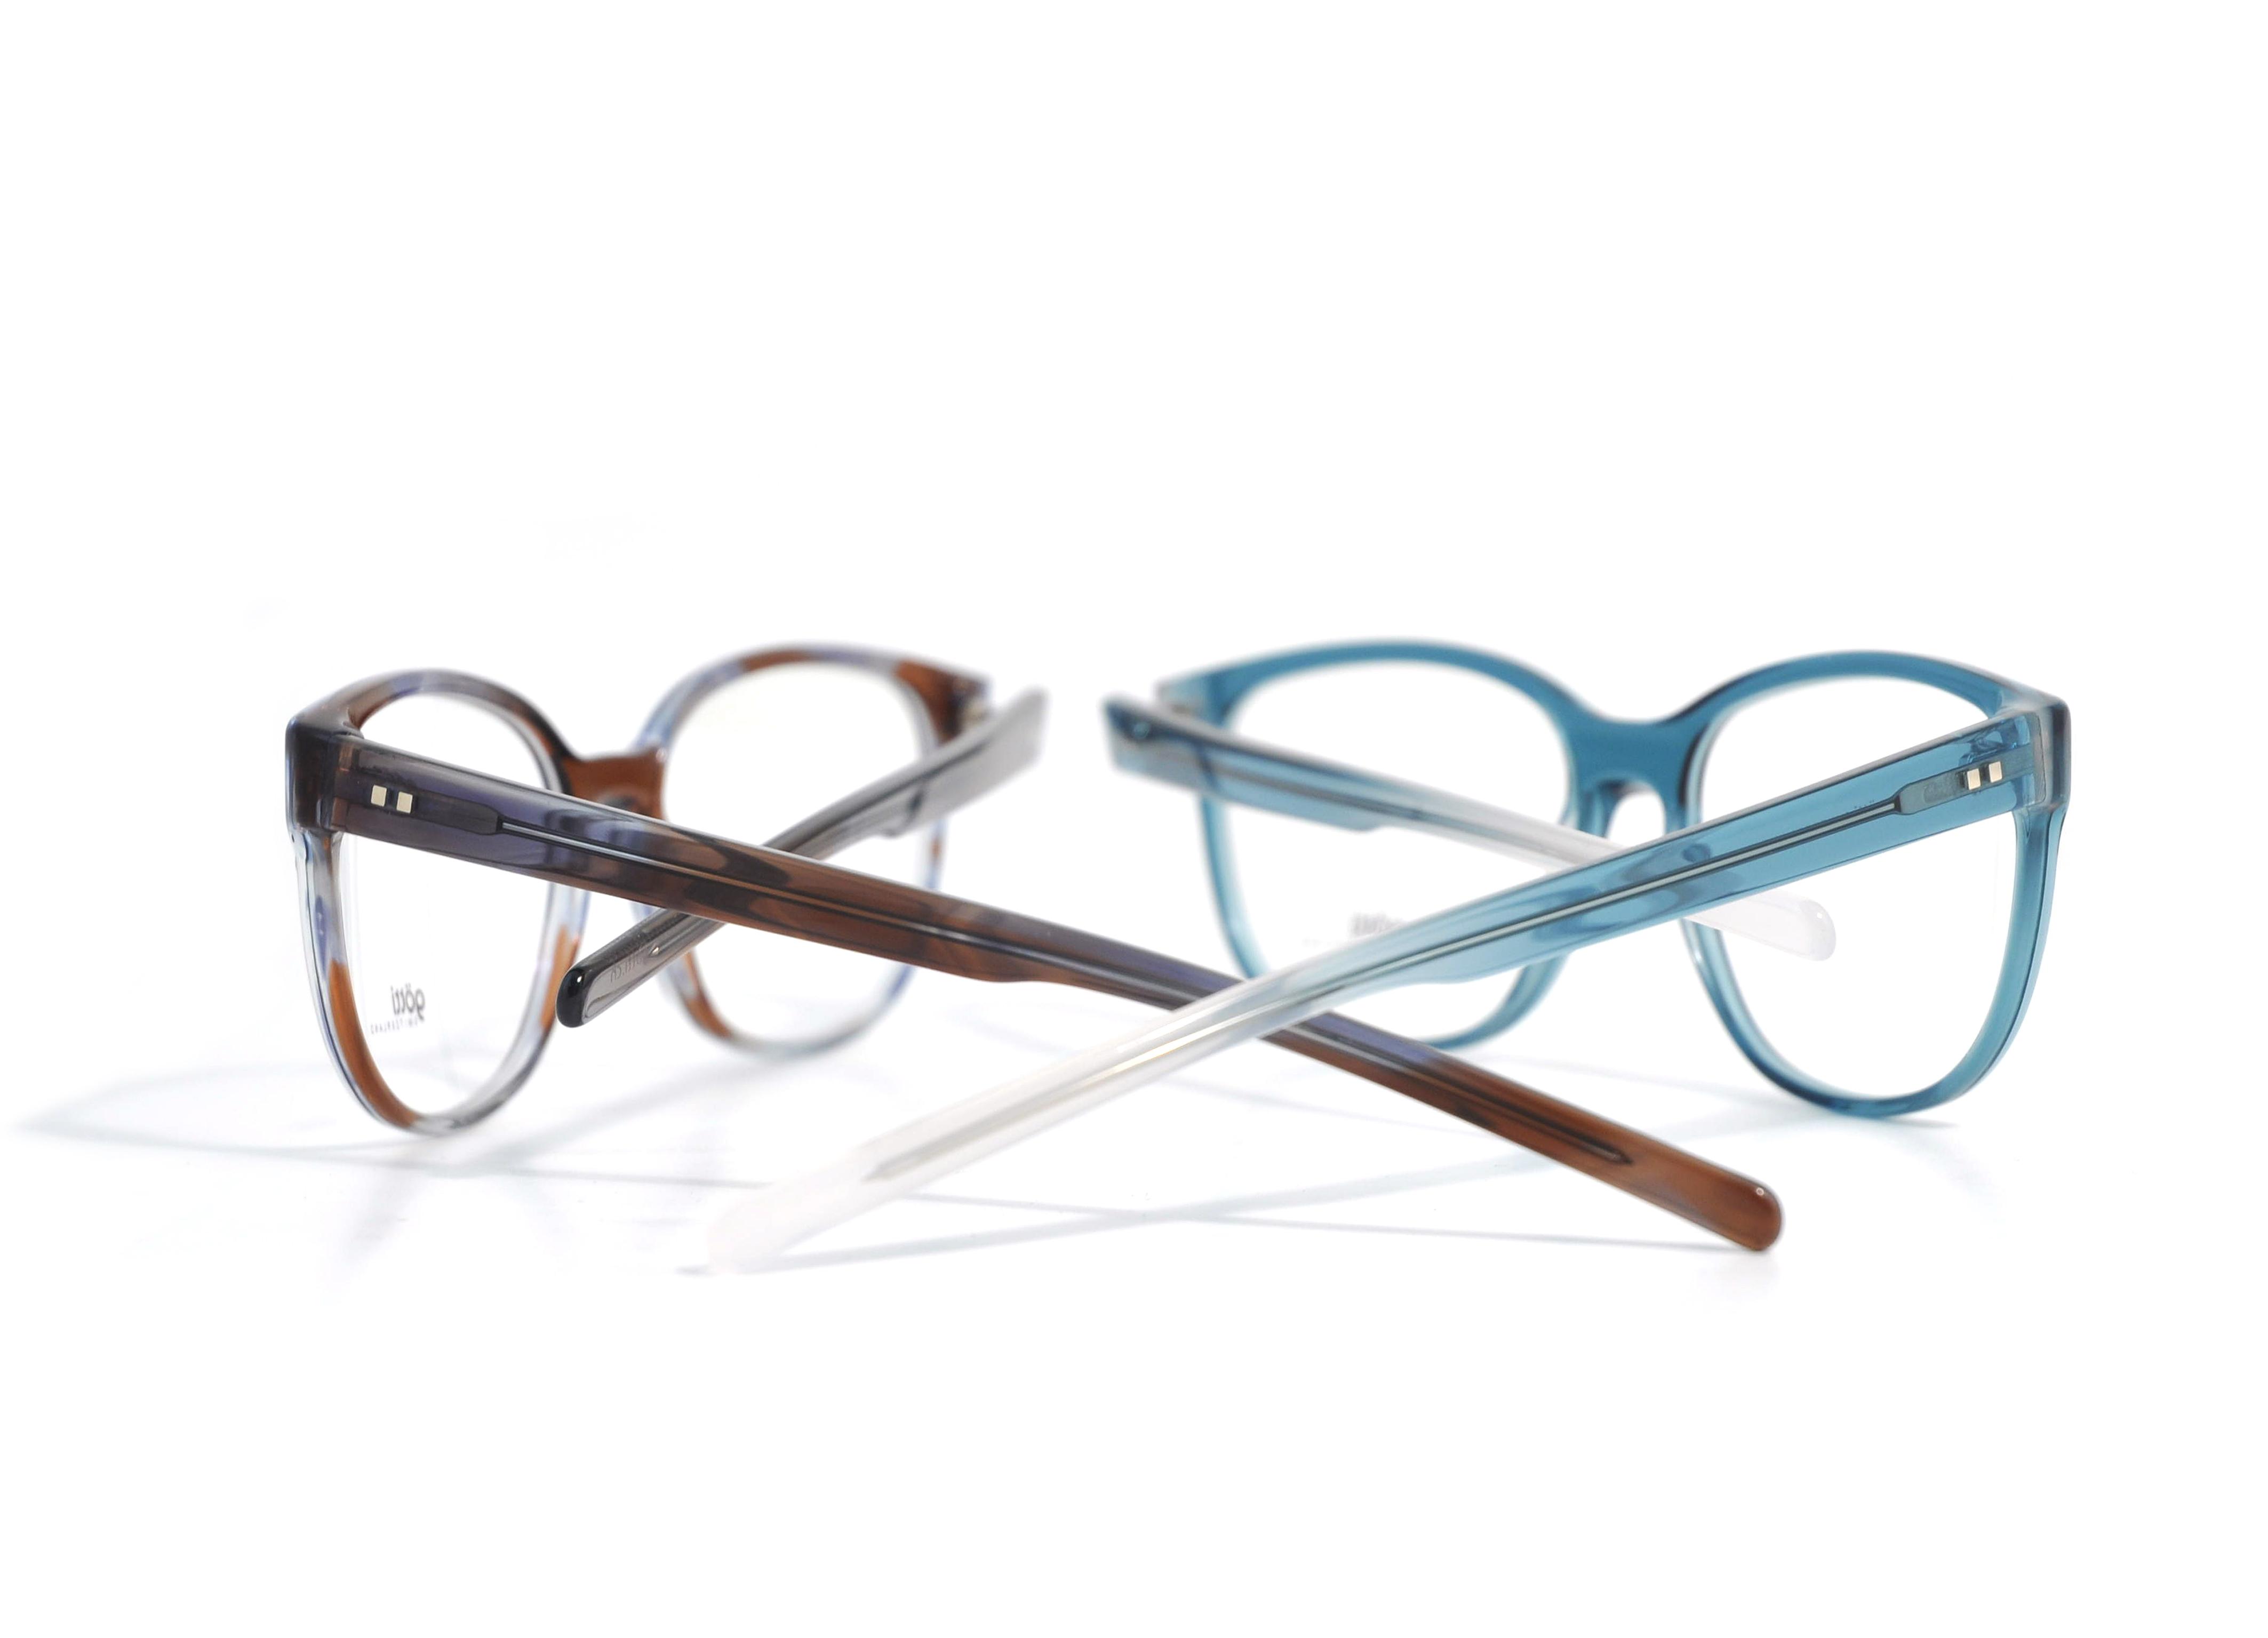 Götti eyewear Van den Assum Dongen SHIR_PBL-TRE (2)